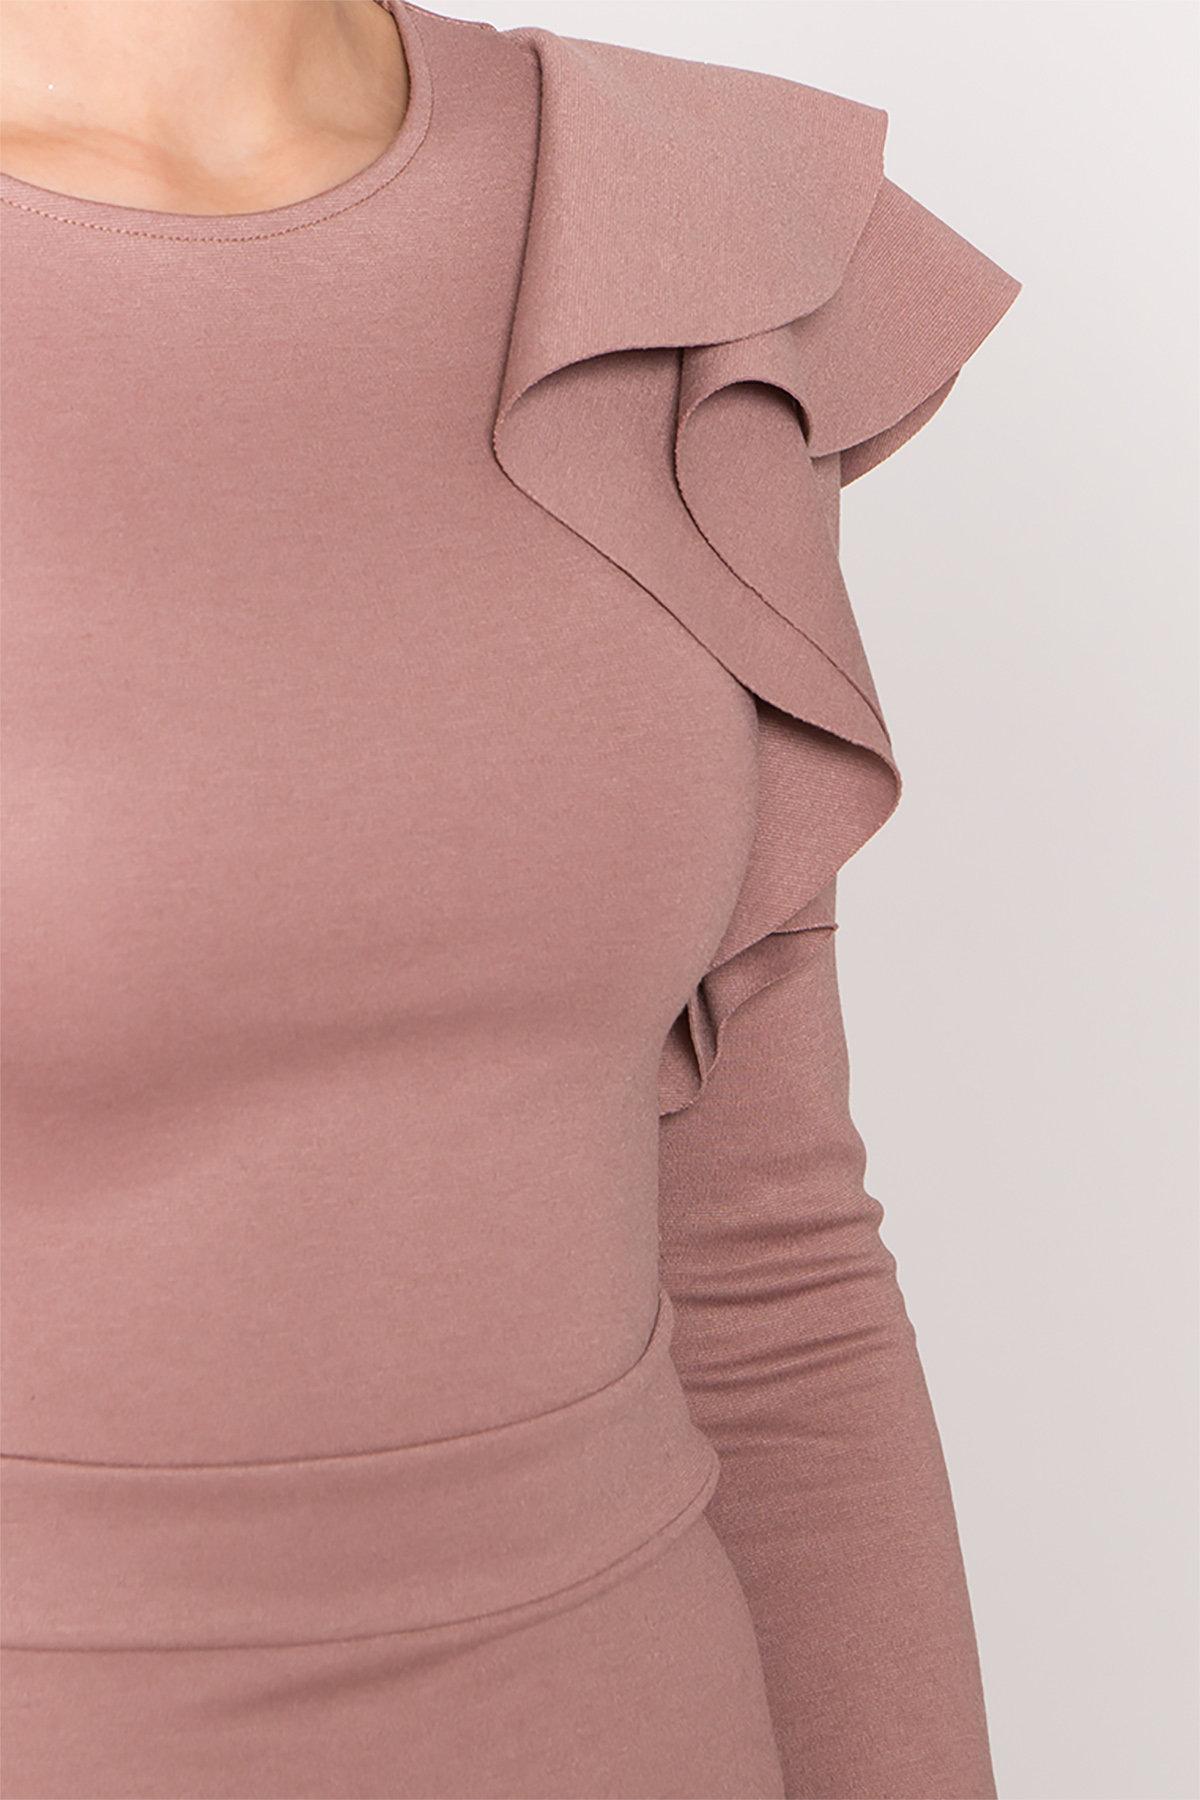 Платье Оникс 8367 АРТ. 44795 Цвет: Бежевый Темный - фото 8, интернет магазин tm-modus.ru